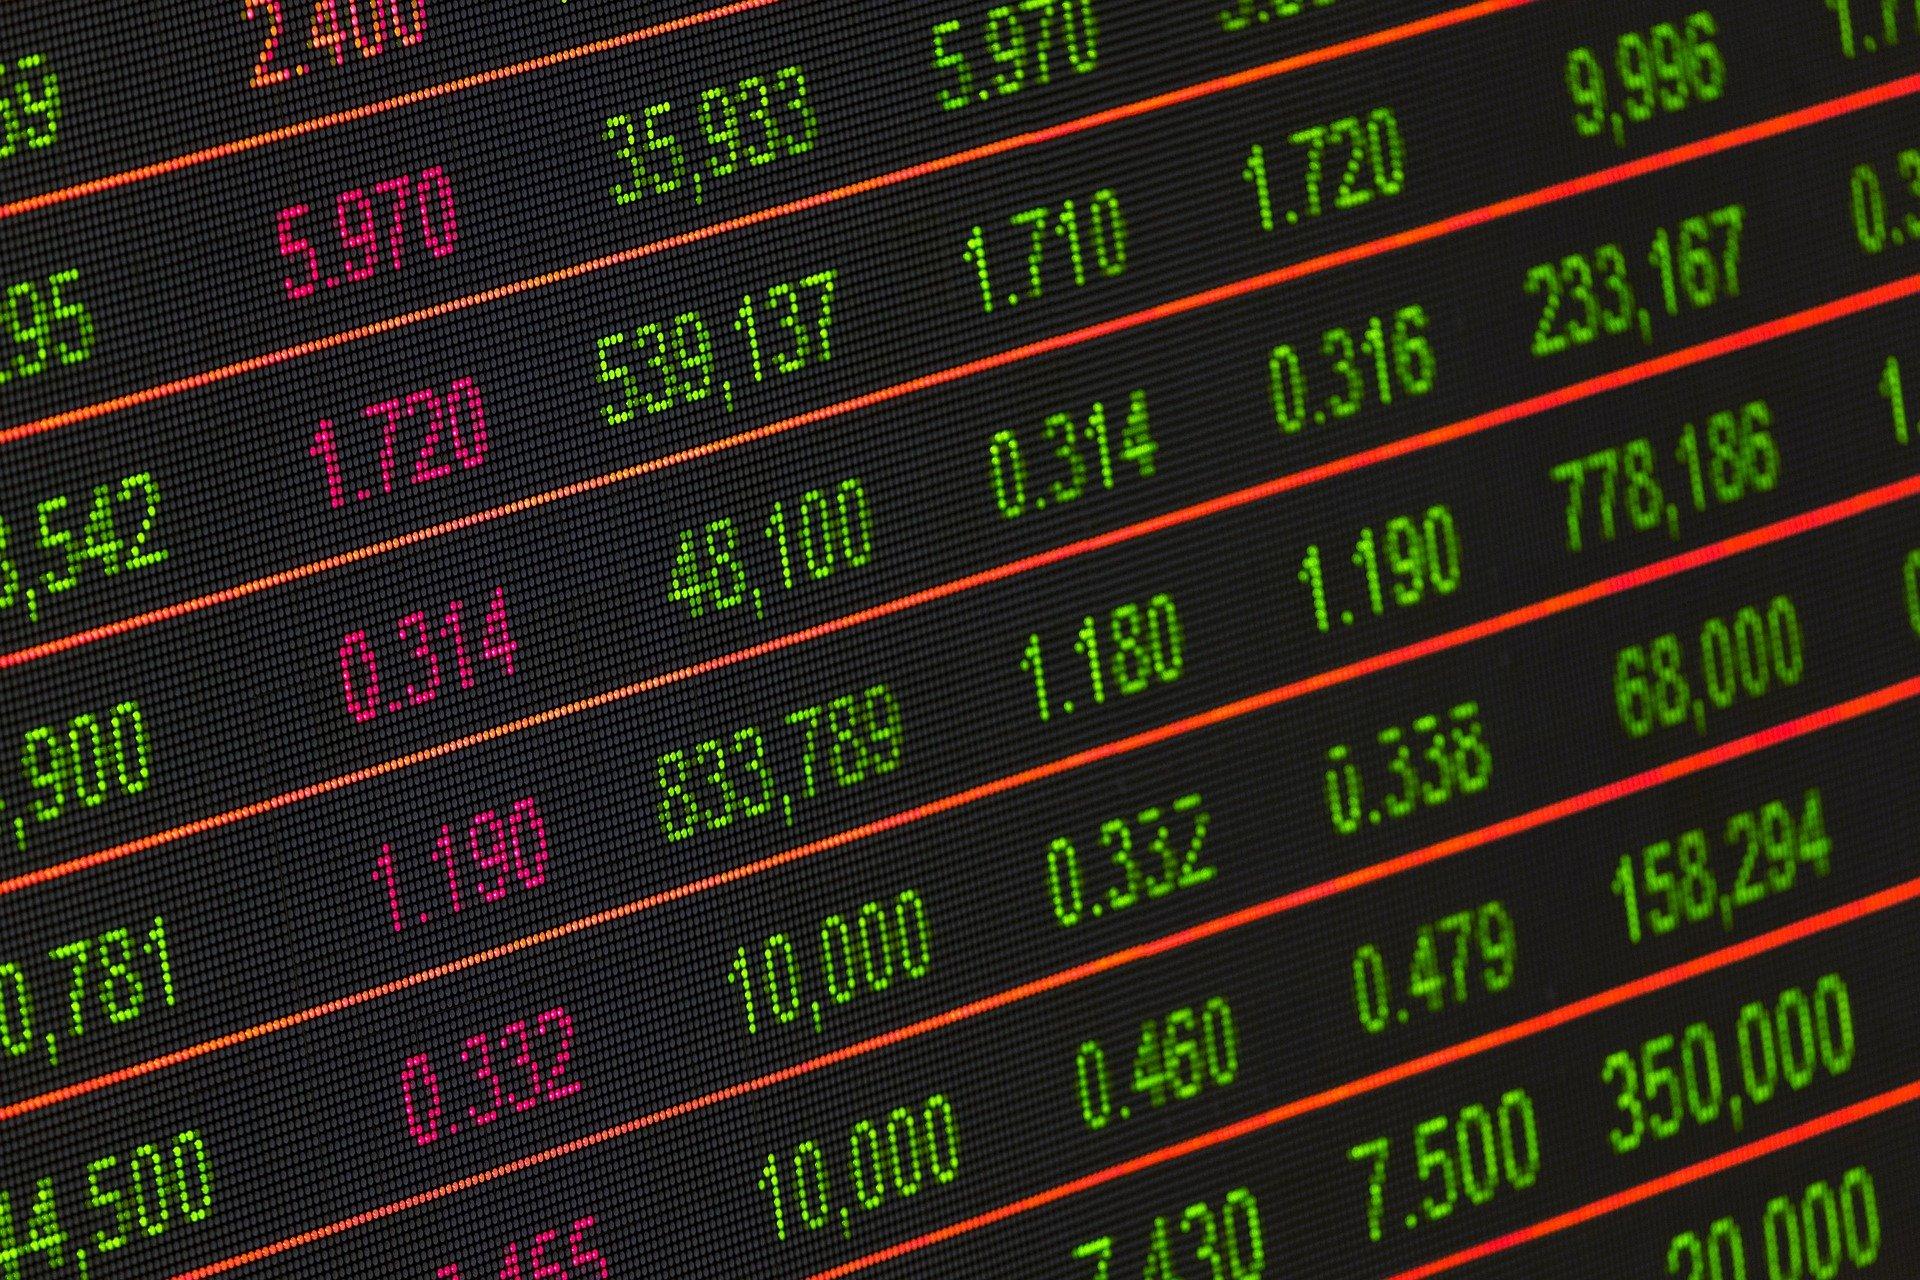 株価指標・マーケット情報をモニタリングするのに便利なサイト